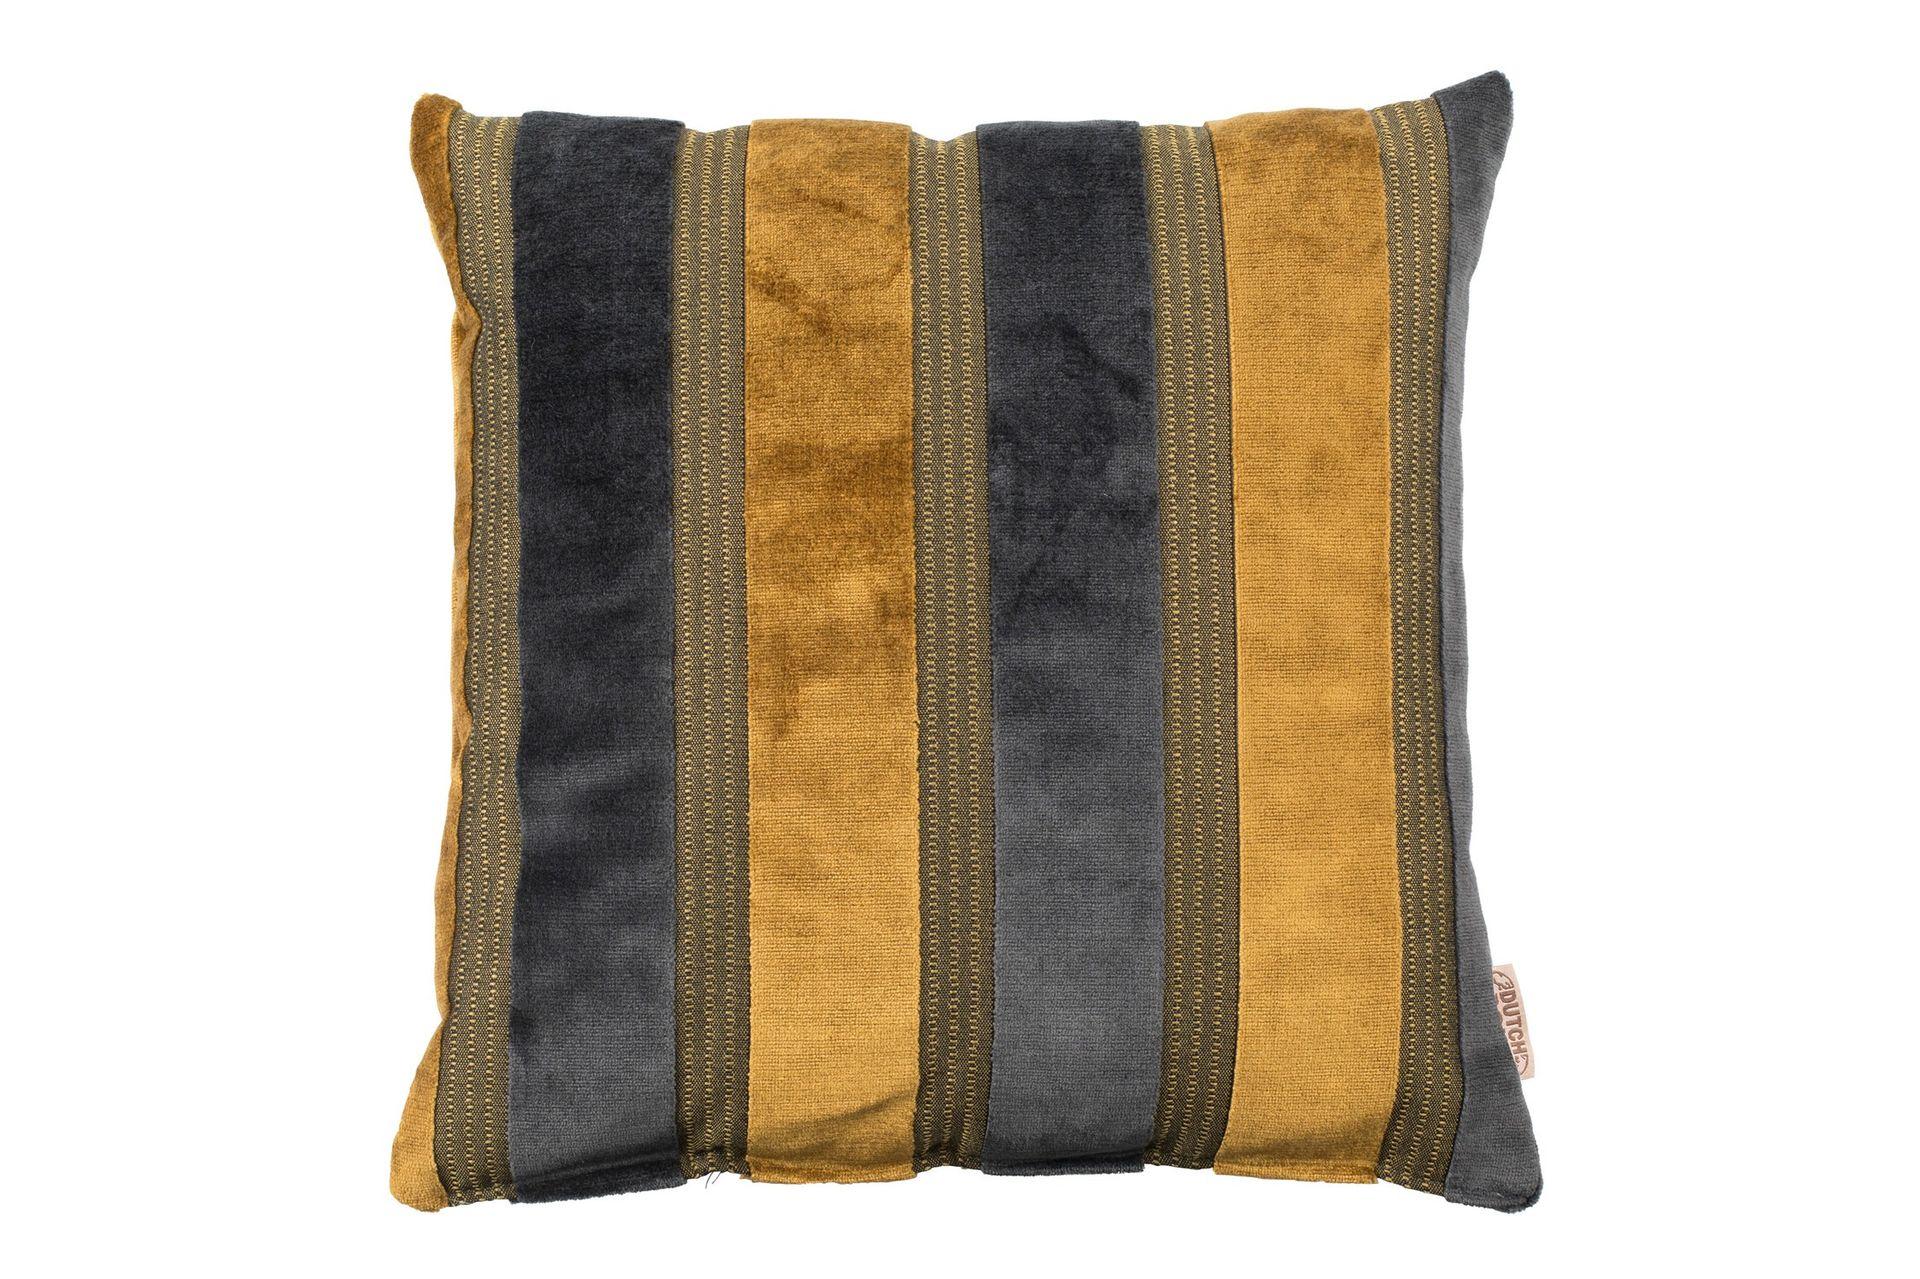 Coussin en tissu jaune et gris